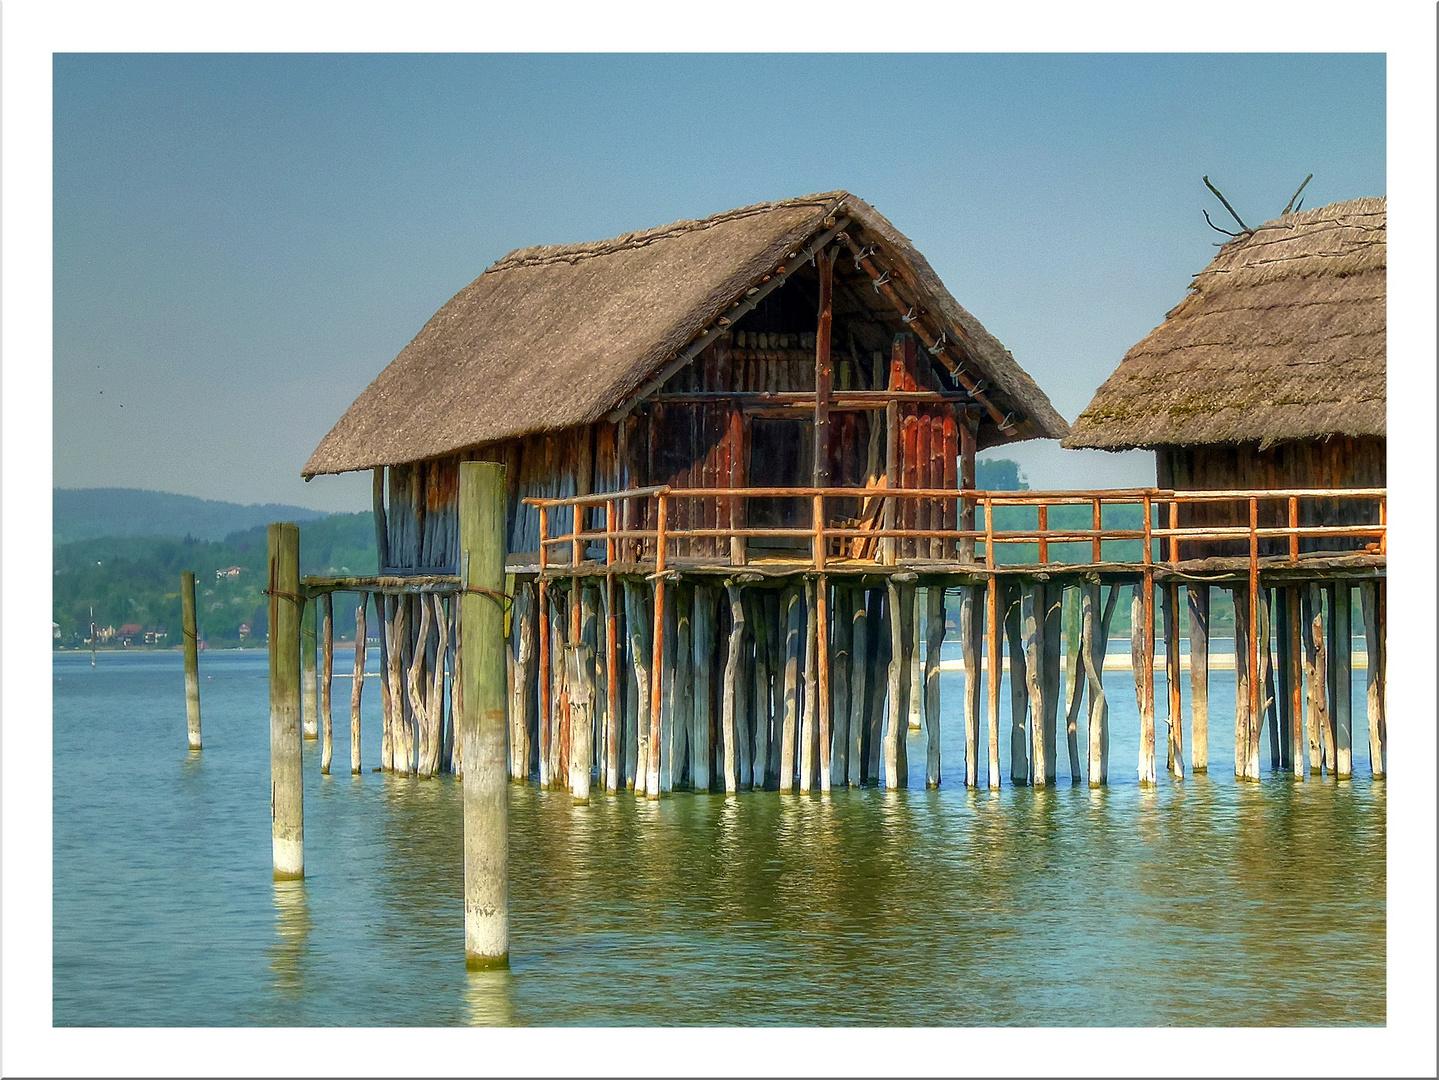 Häuschen für Wasserliebhaber